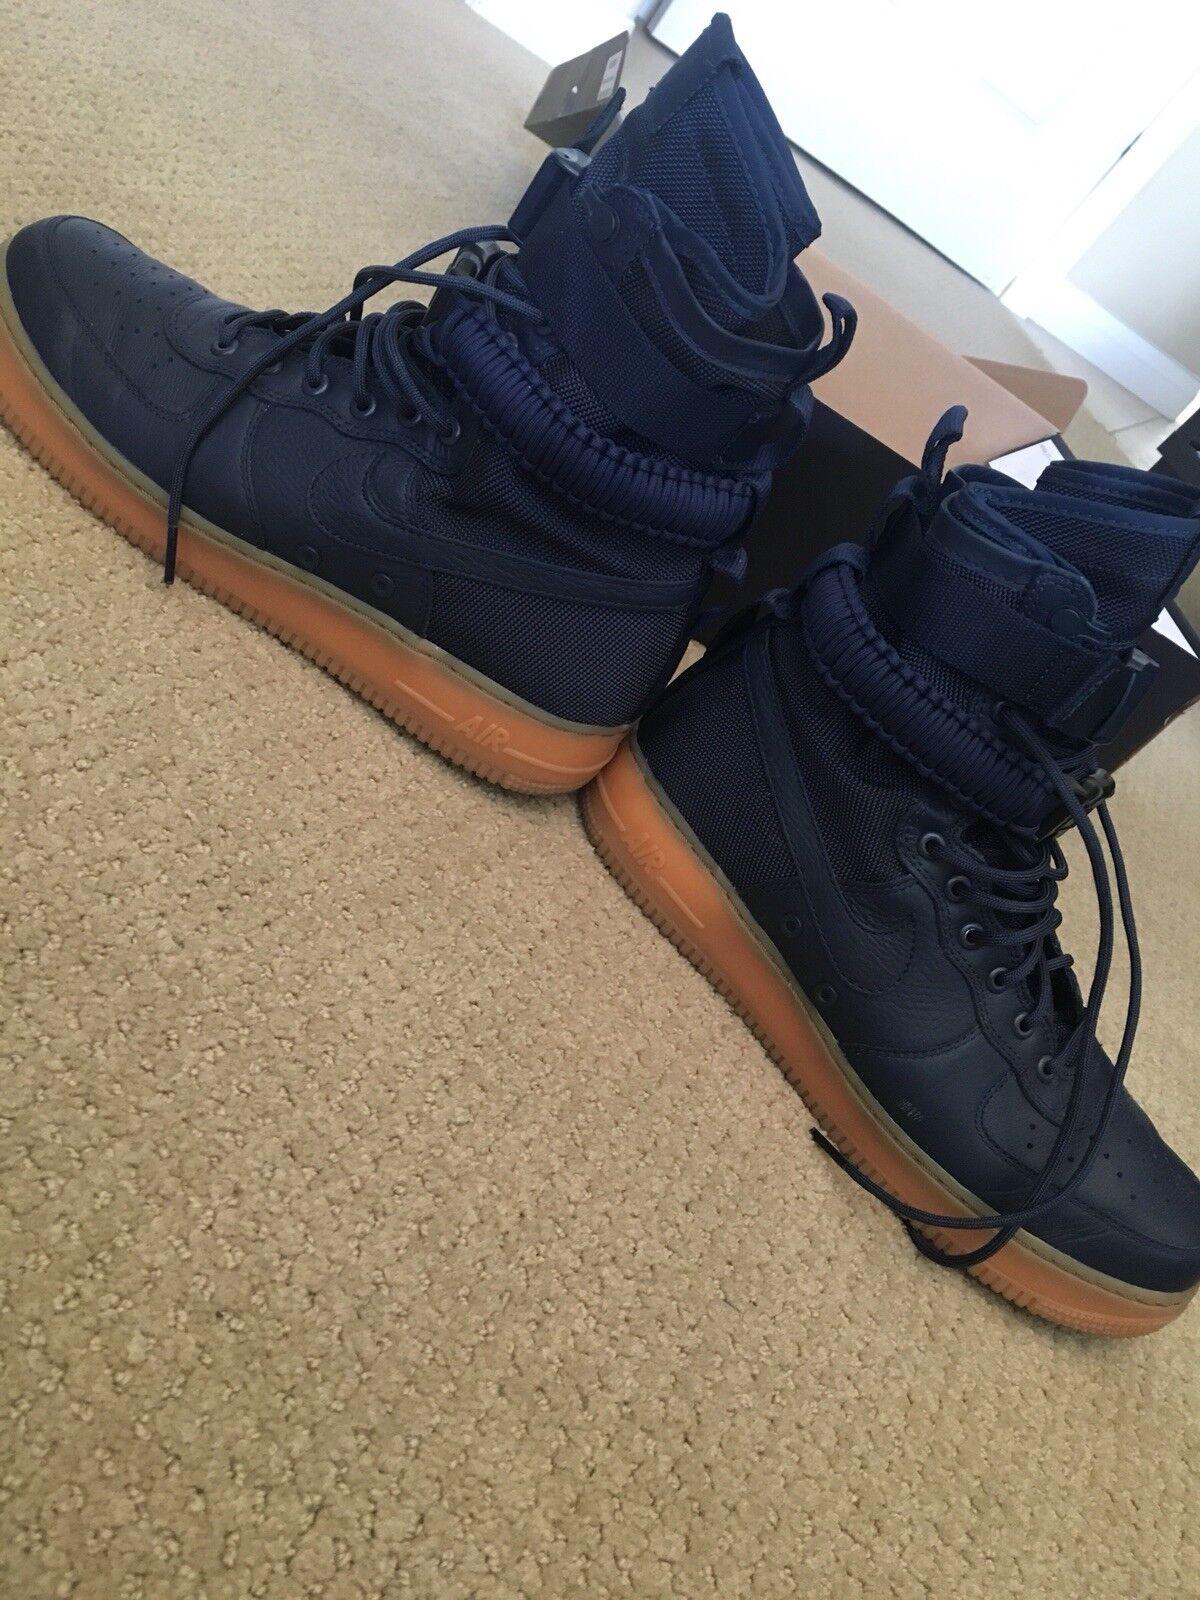 huge discount 0cf63 6abc5 ... Nike SF AF1 Air Force 1 Special Forces Midnight Midnight Midnight Navy  Gum 864024-400 ...